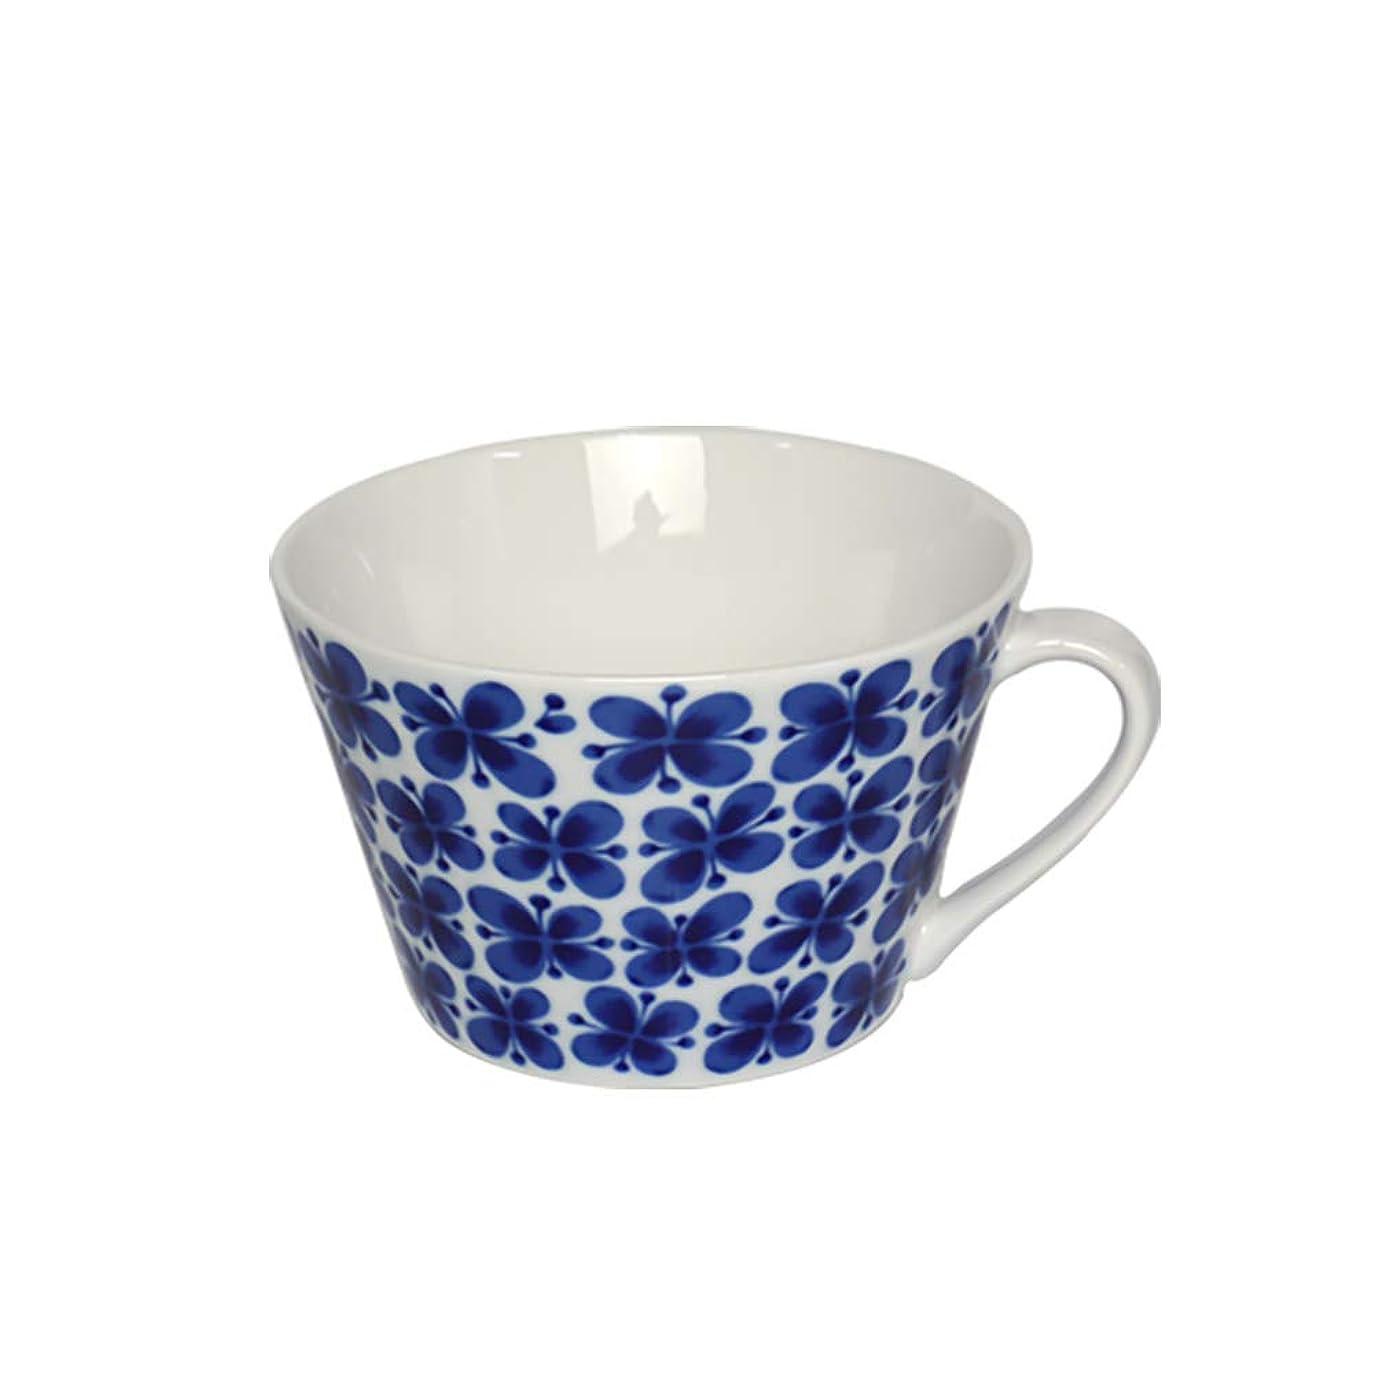 科学建築家甘味Zafina 木製 コップ 北欧 インテリア ティーカップ ナチュラル 装飾カップ